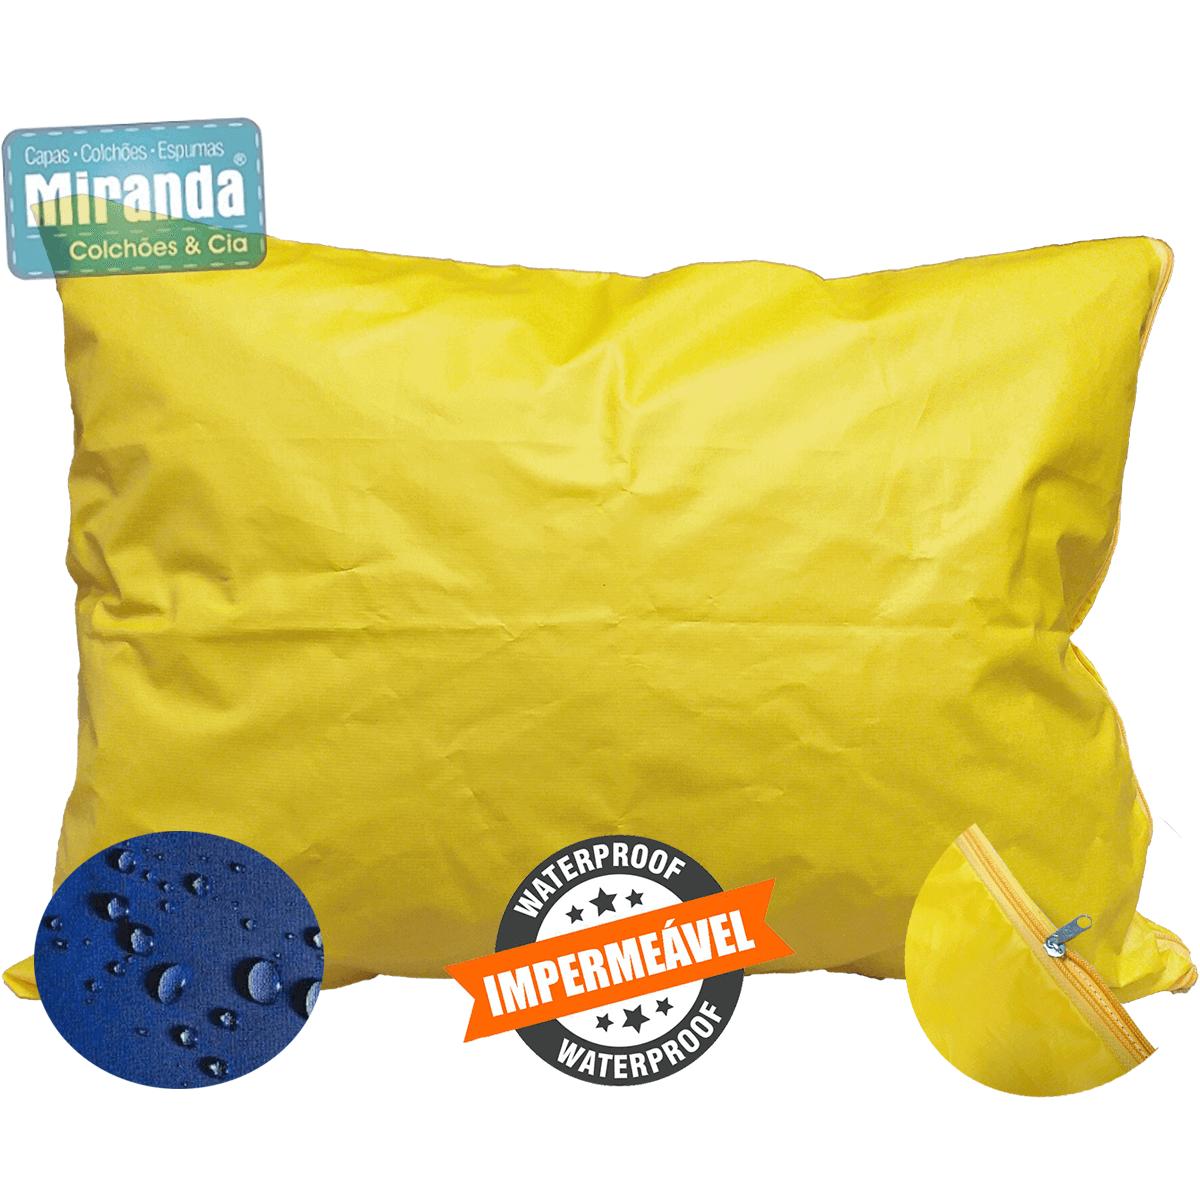 Capa Impermeável Para Travesseiro Hospitalar (50 x 70 cm) Com Zíper Diversas  Cores  - Miranda Colchões